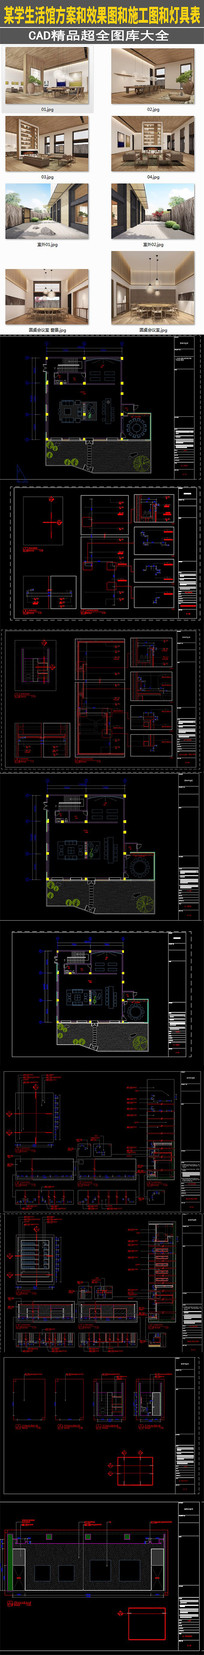 某学生活馆方案和效果图和施工图和灯具表